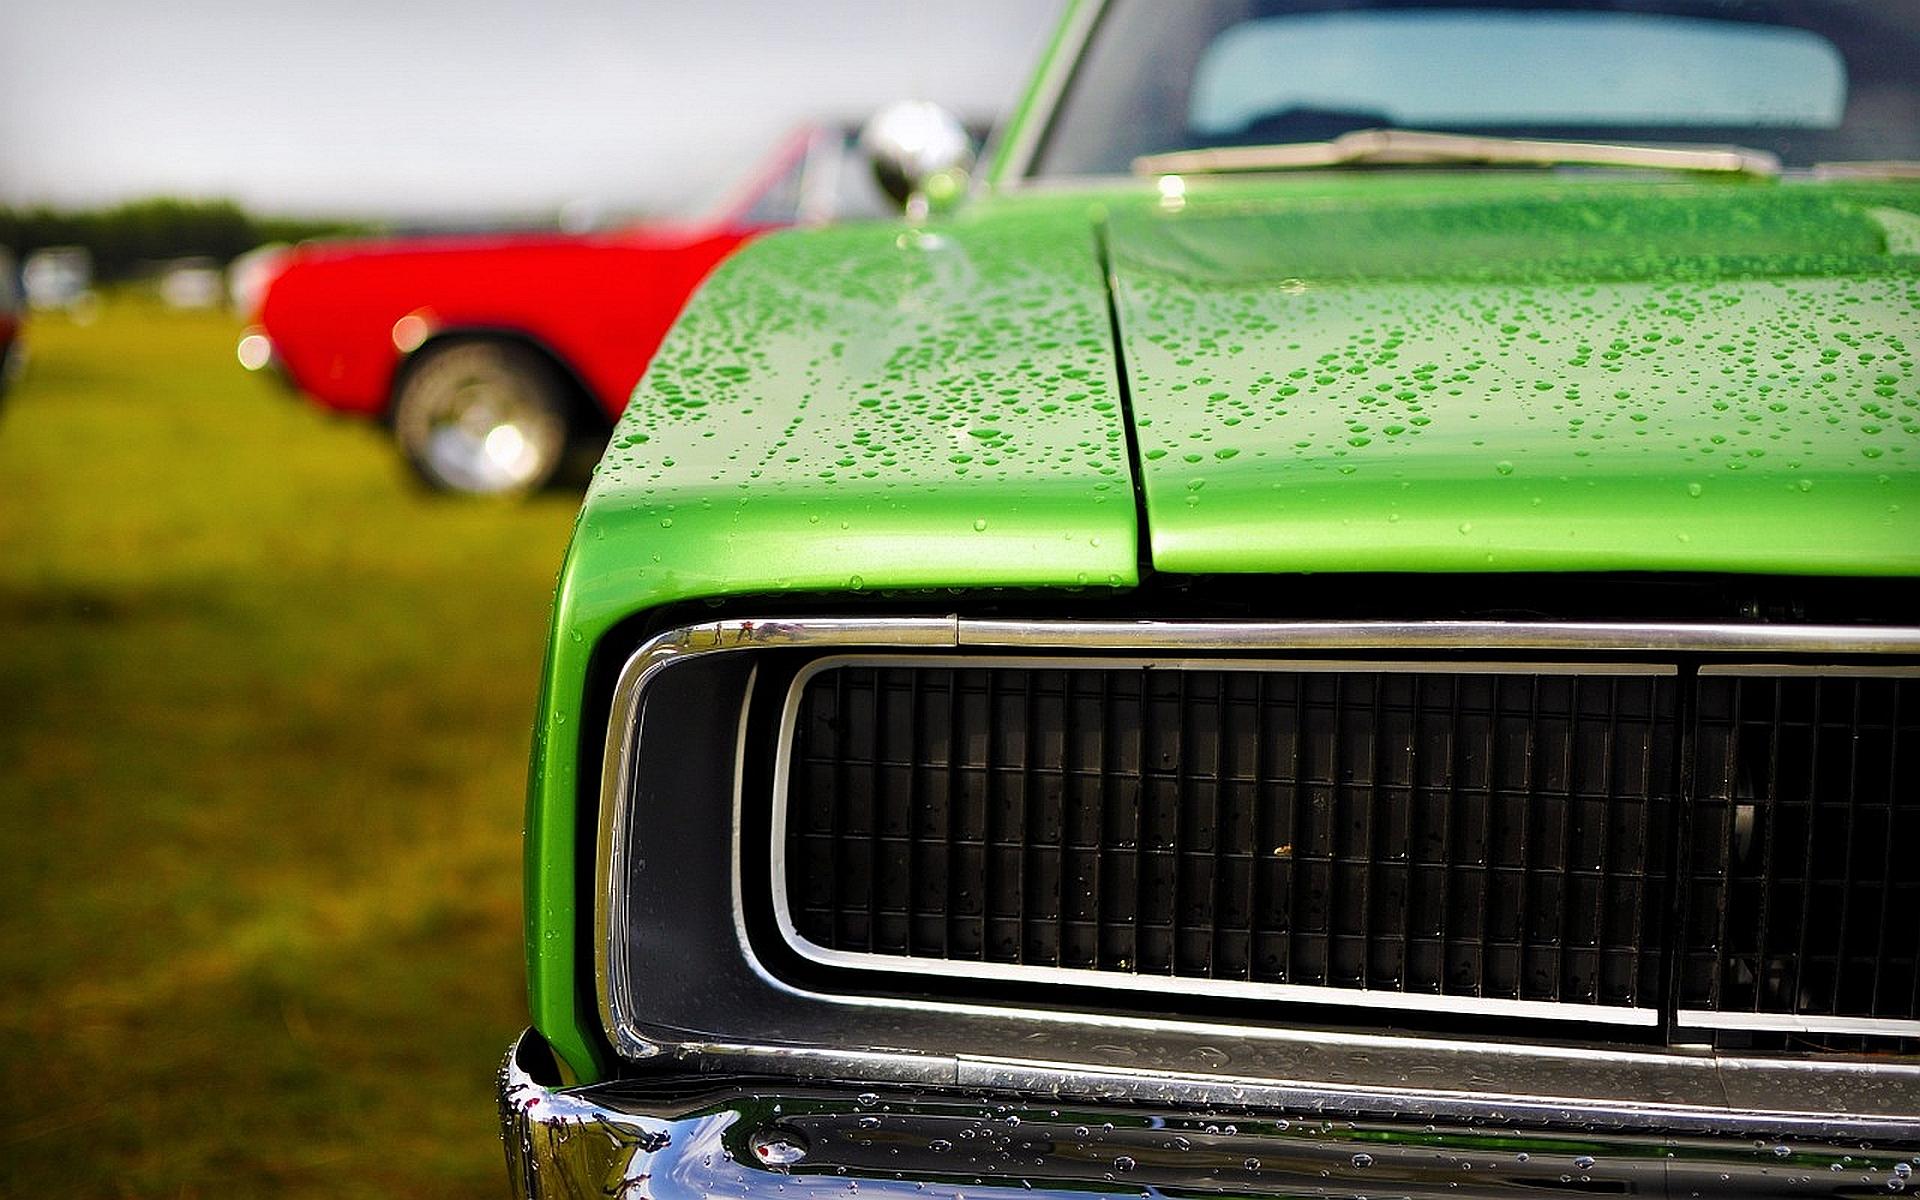 Dodge Charger Desktop Wallpaper  WallpaperSafari